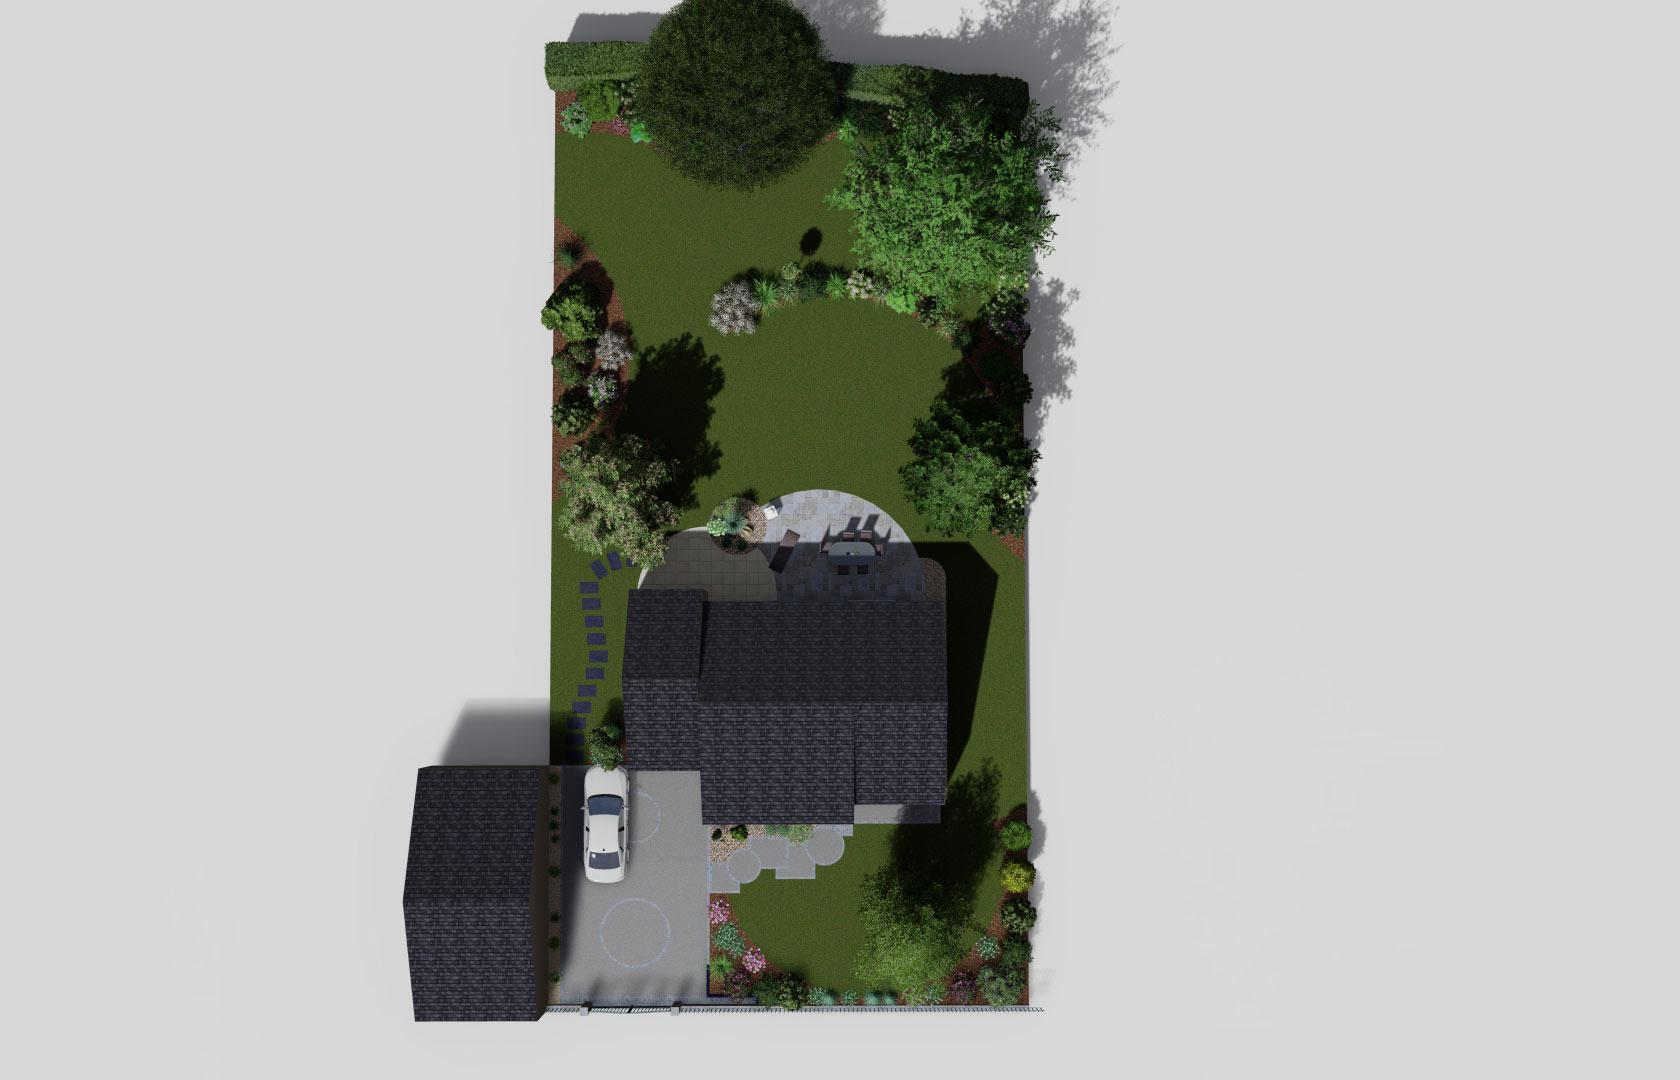 Entreprise de paysage, Serrault Jardins aménage des accès en béton désactivé.